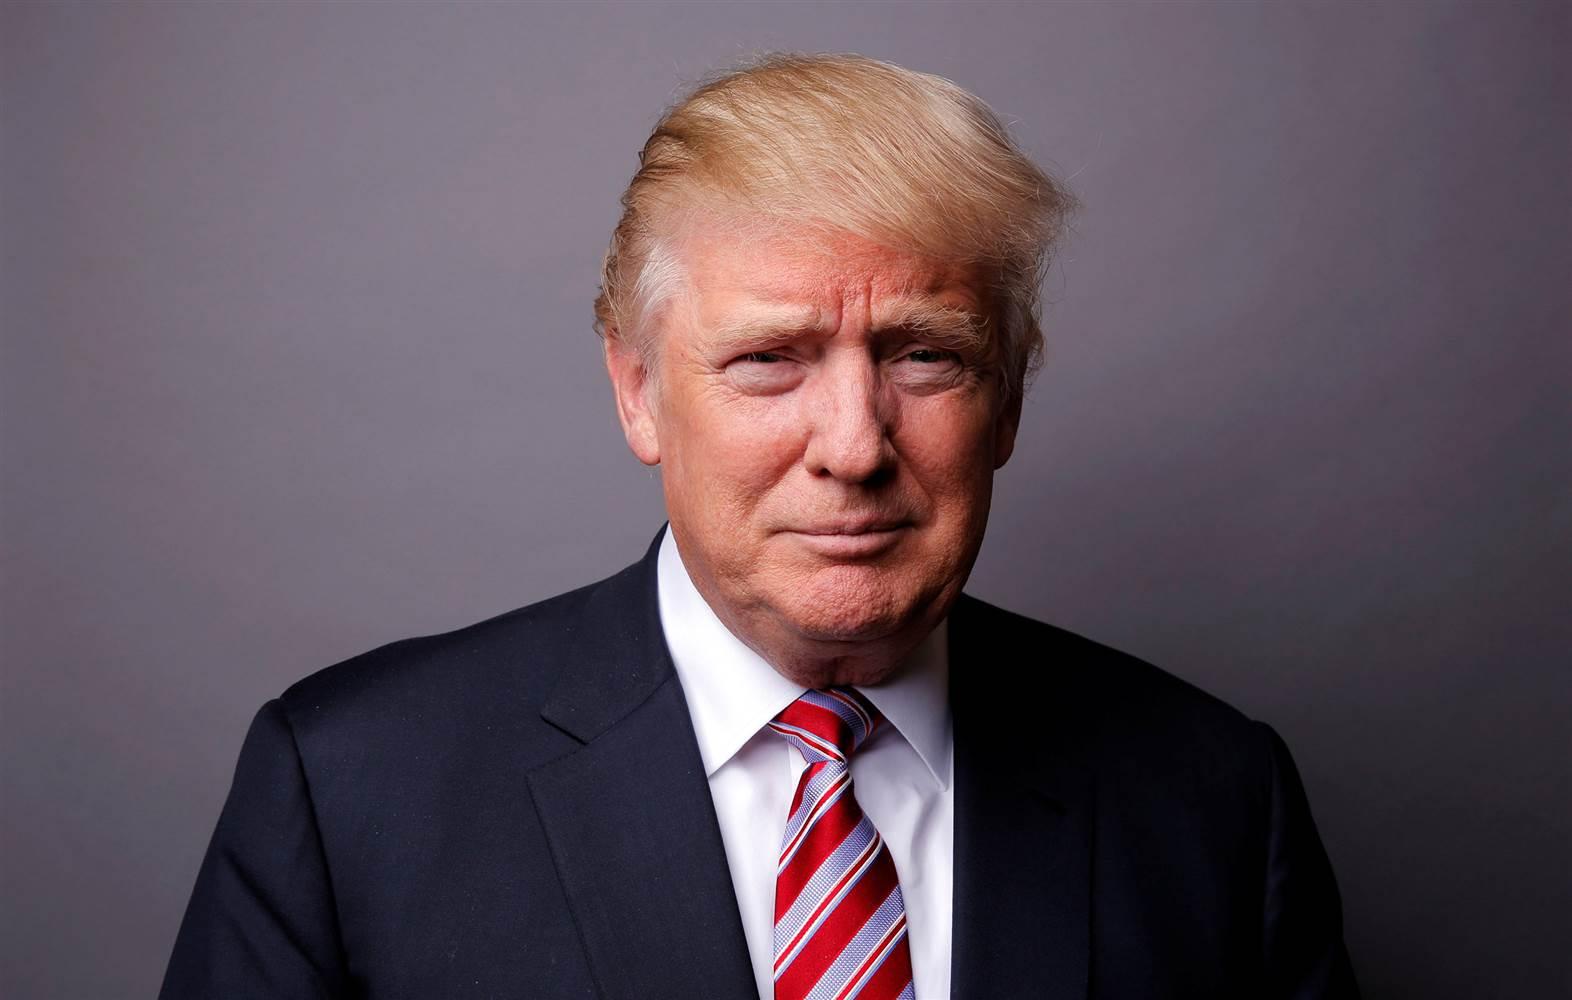 Nội các của Trump phát triển kế hoạch chính sách đối với Nga 1